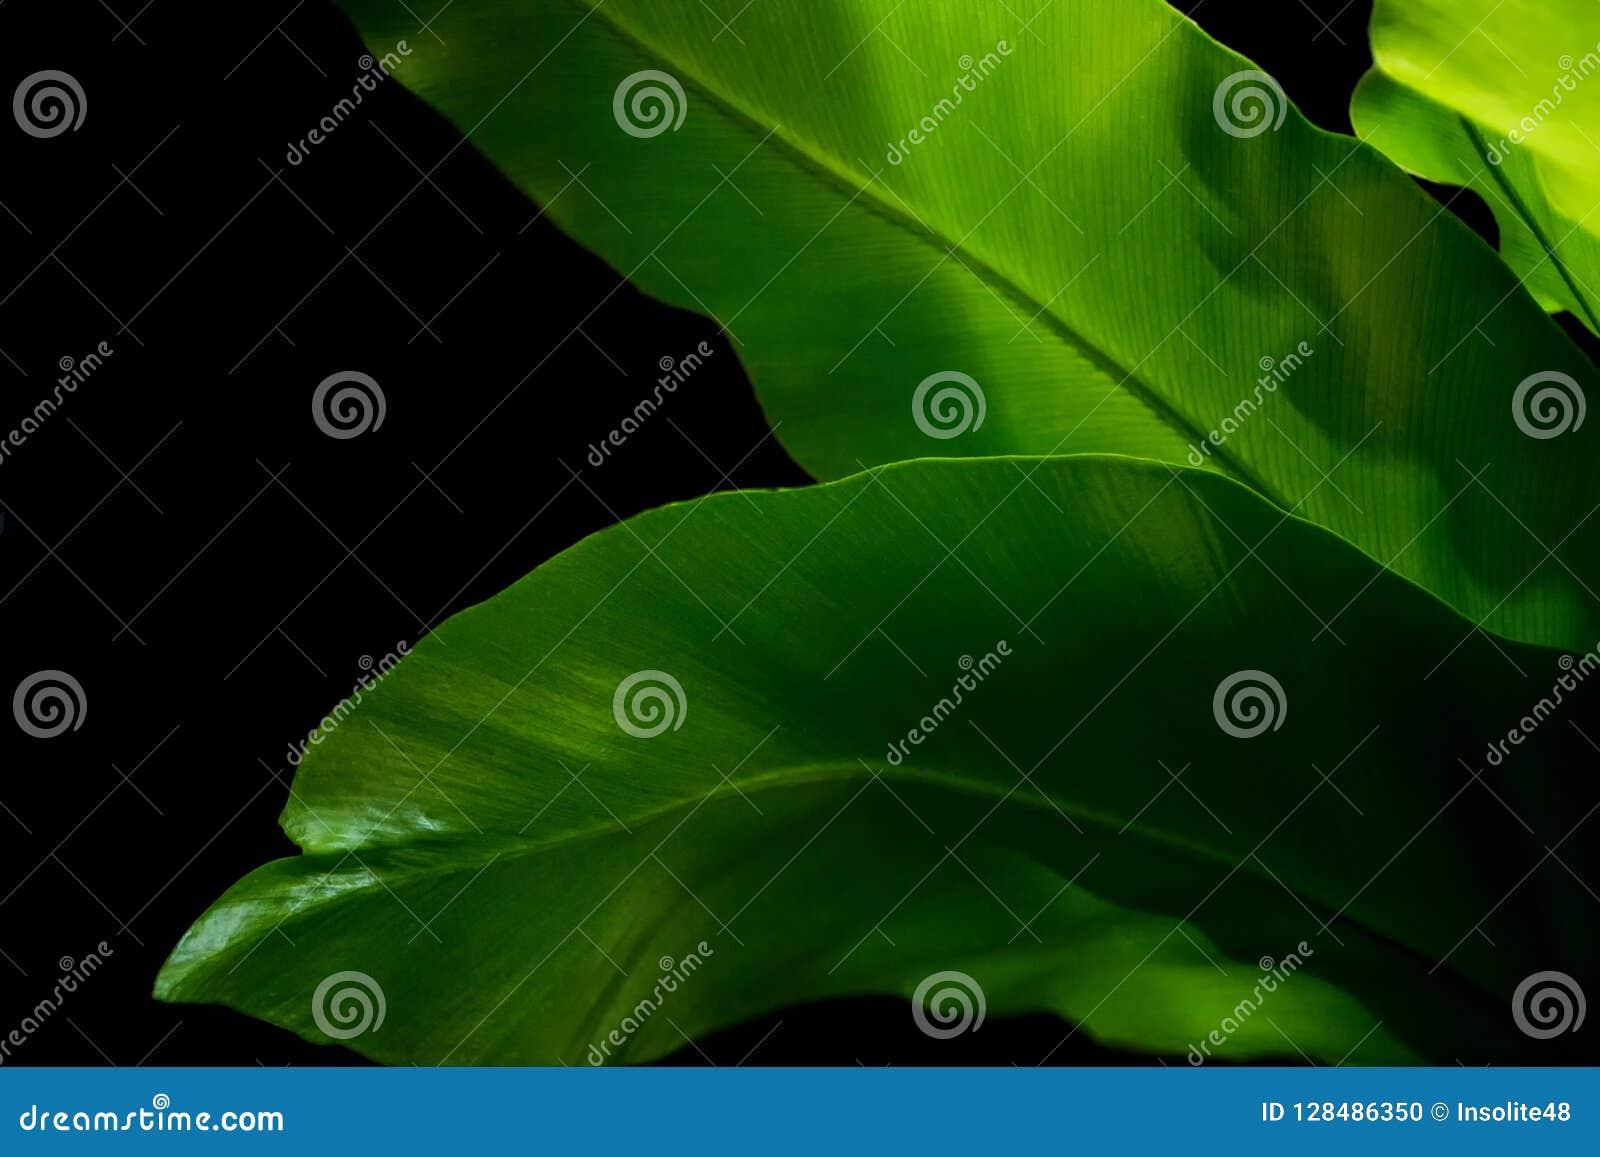 Asplenium mit hell reichen grünen Blättern auf einem dunklen Hintergrund Lang breite Blätter